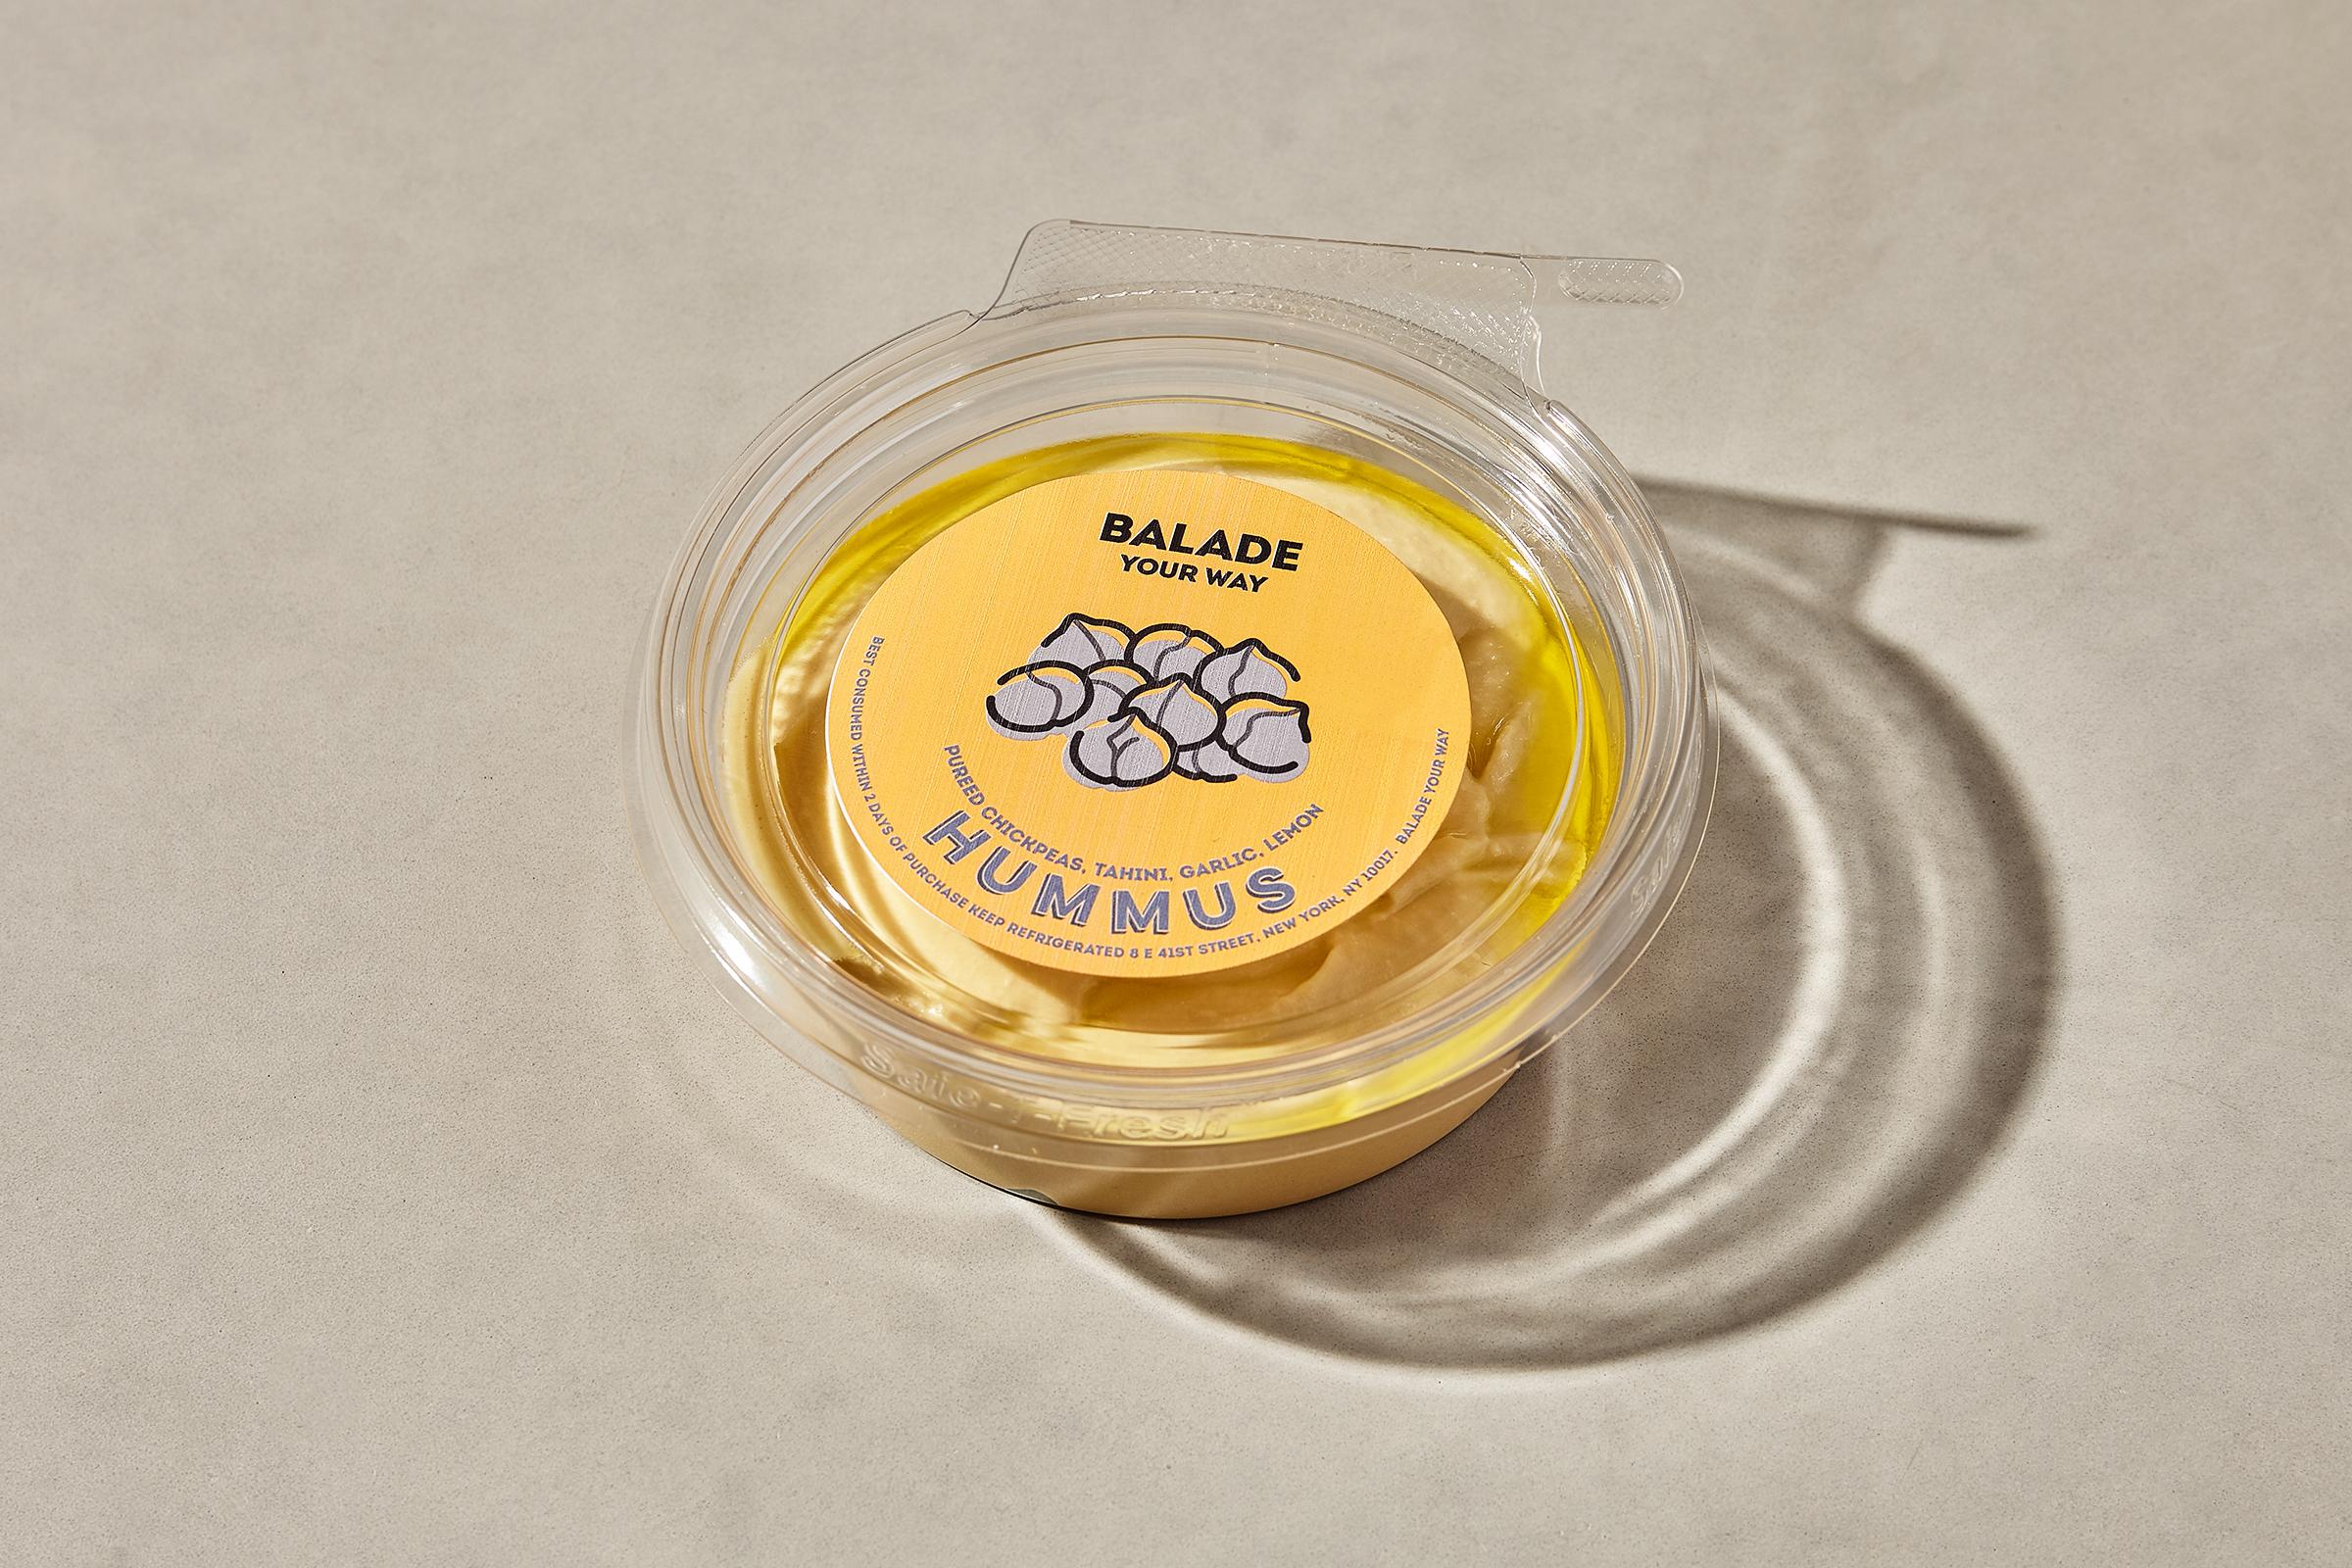 BYU-Hummus Celebra el Día Nacional del Hummus en Balade Your Way